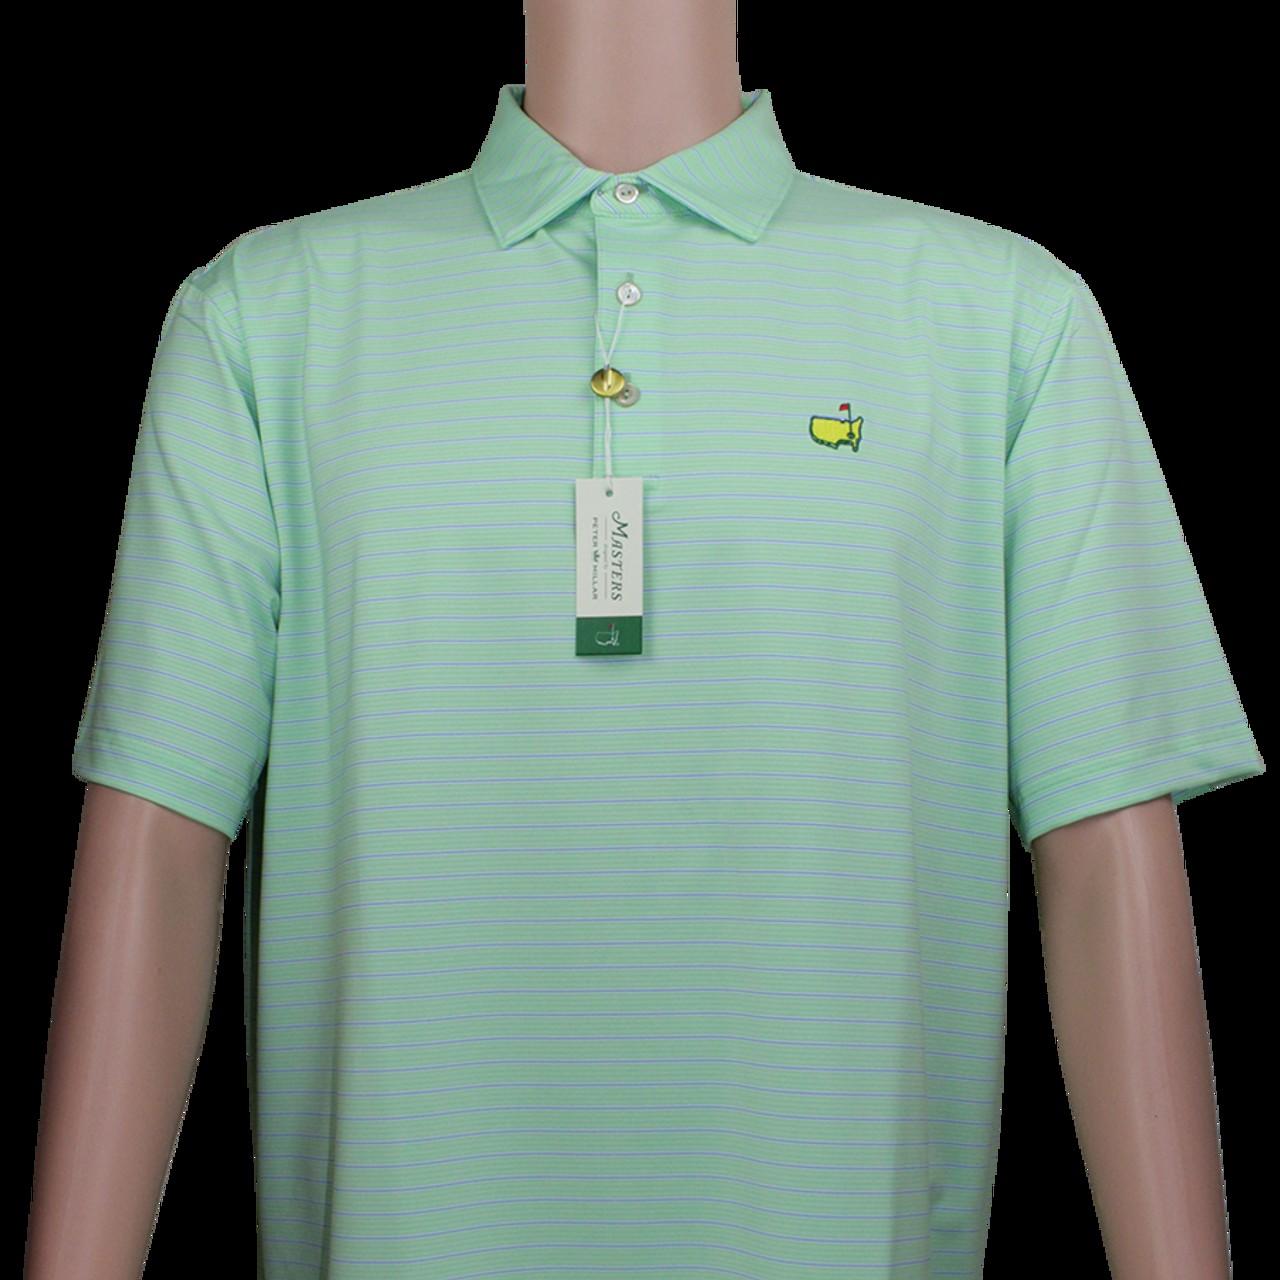 84460228 Masters Mint & Blue Striped Peter Millar Performance Tech Golf Shirt